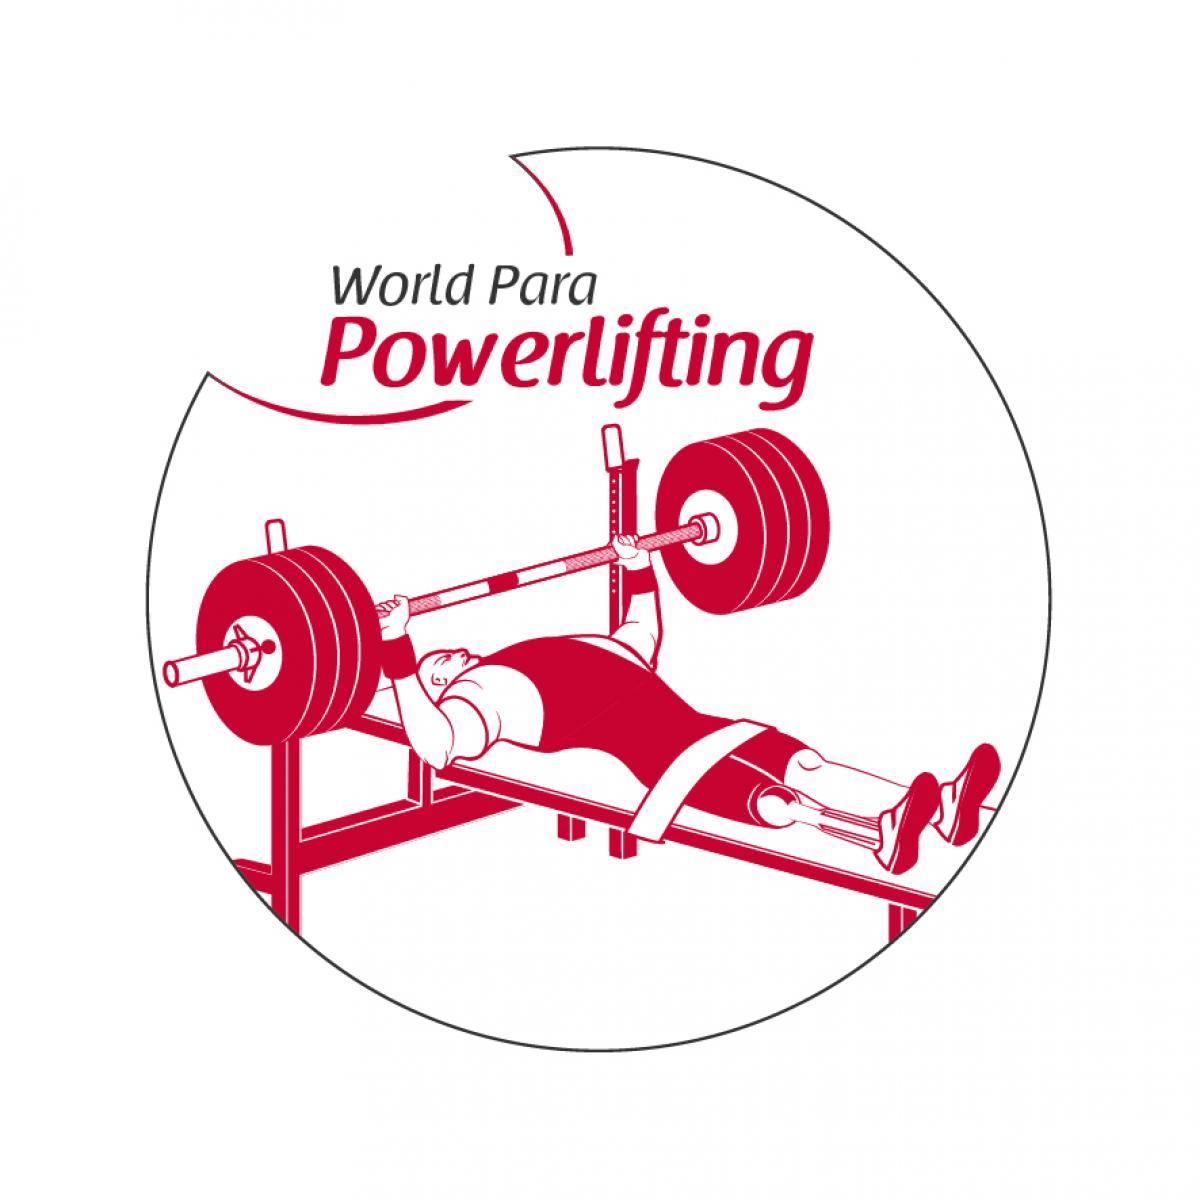 Обновления квалификации в пара пауэрлифтинге к Паралимипийским играм в Токио-2020